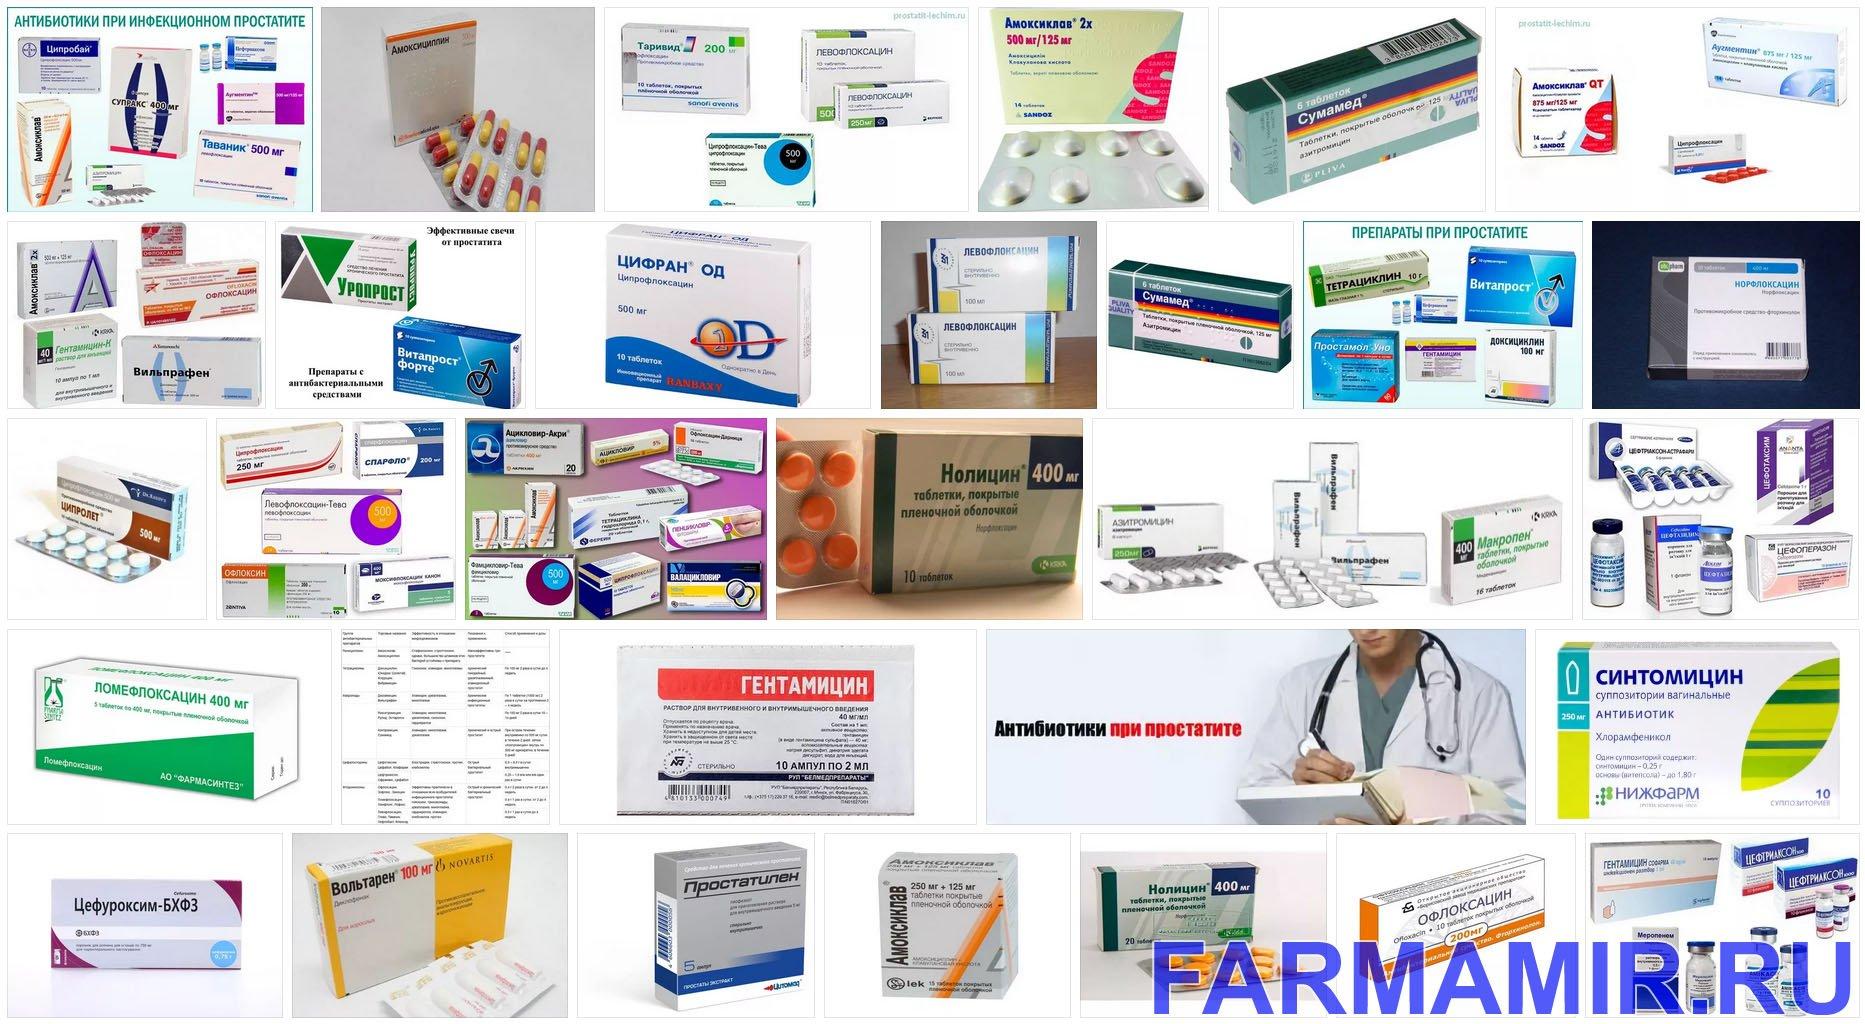 Простатит 28 дней антибиотик тыквенные семечки таблетки от простатита